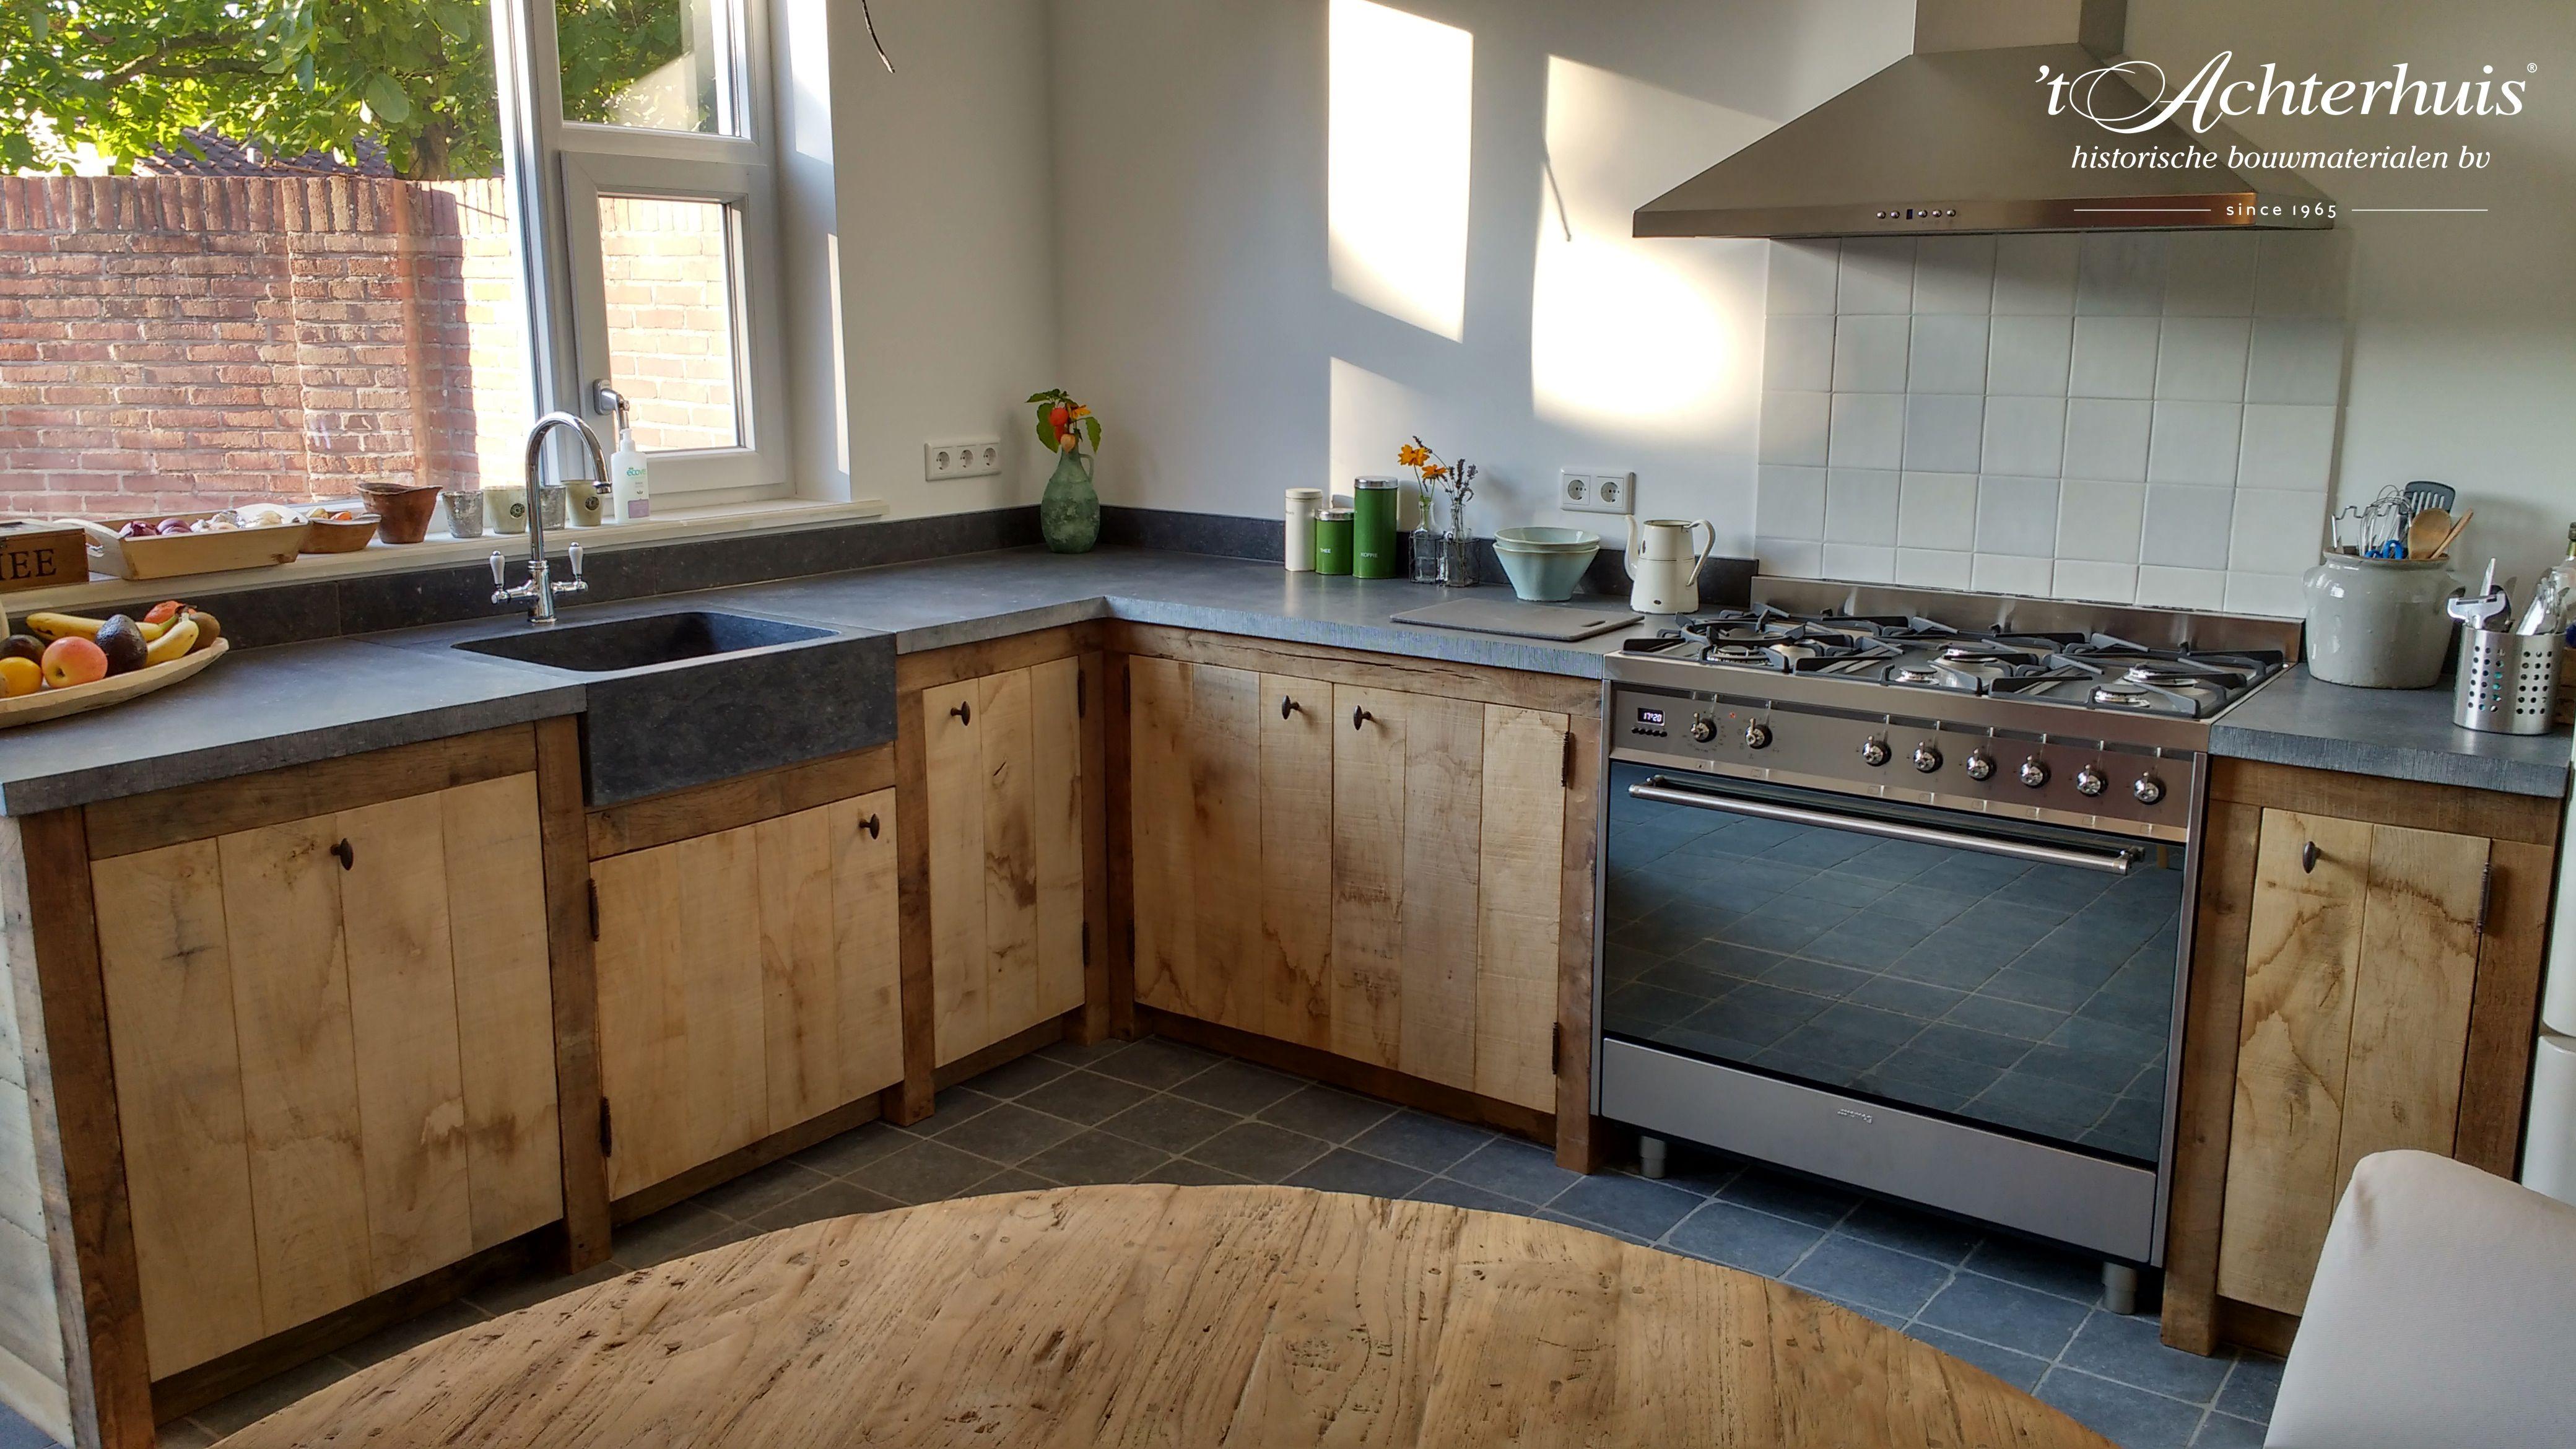 Zelfgemaakte Landelijke Keuken Met Oude Bouwmaterialen Afkomstig Van T Achterhuis In Udenhout Keuken Ontwerp Moderne Keukens Keuken